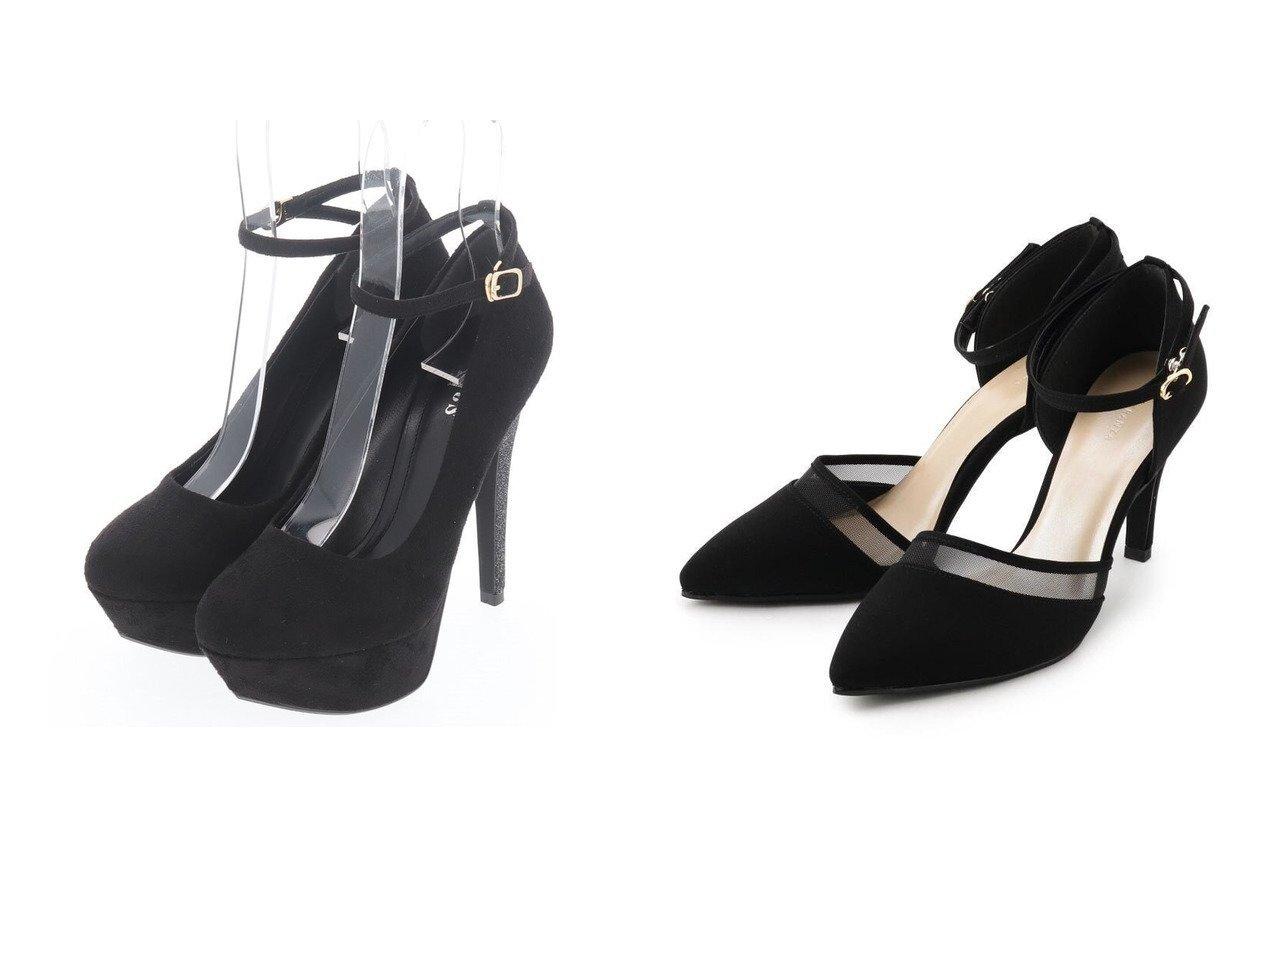 【salire/サリア】のラメヒールパンプス&【ESPERANZA/エスペランサ】のシースルーラインセパレートパンプス 【シューズ・靴】おすすめ!人気、トレンド・レディースファッションの通販  おすすめファッション通販アイテム インテリア・キッズ・メンズ・レディースファッション・服の通販 founy(ファニー)  ファッション Fashion レディースファッション WOMEN NEW・新作・新着・新入荷 New Arrivals シューズ ストラップパンプス バランス 春 Spring グリッター セパレート ハイヒール フロント 再入荷 Restock/Back in Stock/Re Arrival S/S・春夏 SS・Spring/Summer ブラック系 Black ブルー系 Blue ホワイト系 White ベージュ系 Beige |ID:crp329100000026300